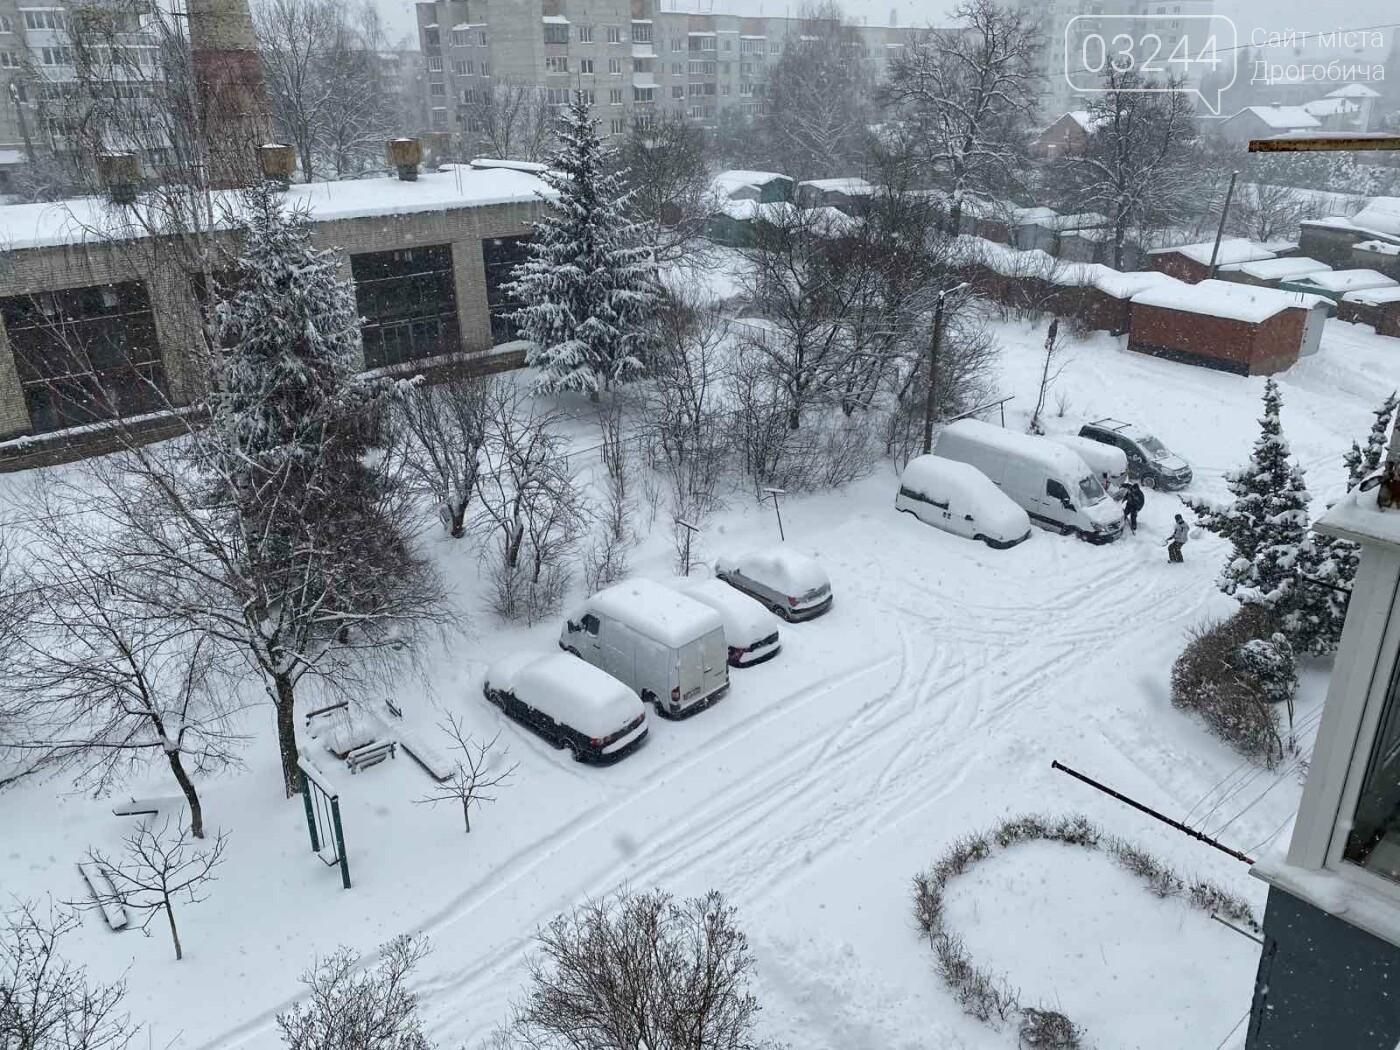 Притрусило: негода перетворила автівки, які не виїжджали кілька днів, на снігові кургани, - ФОТОРЕПОРТАЖ, фото-10